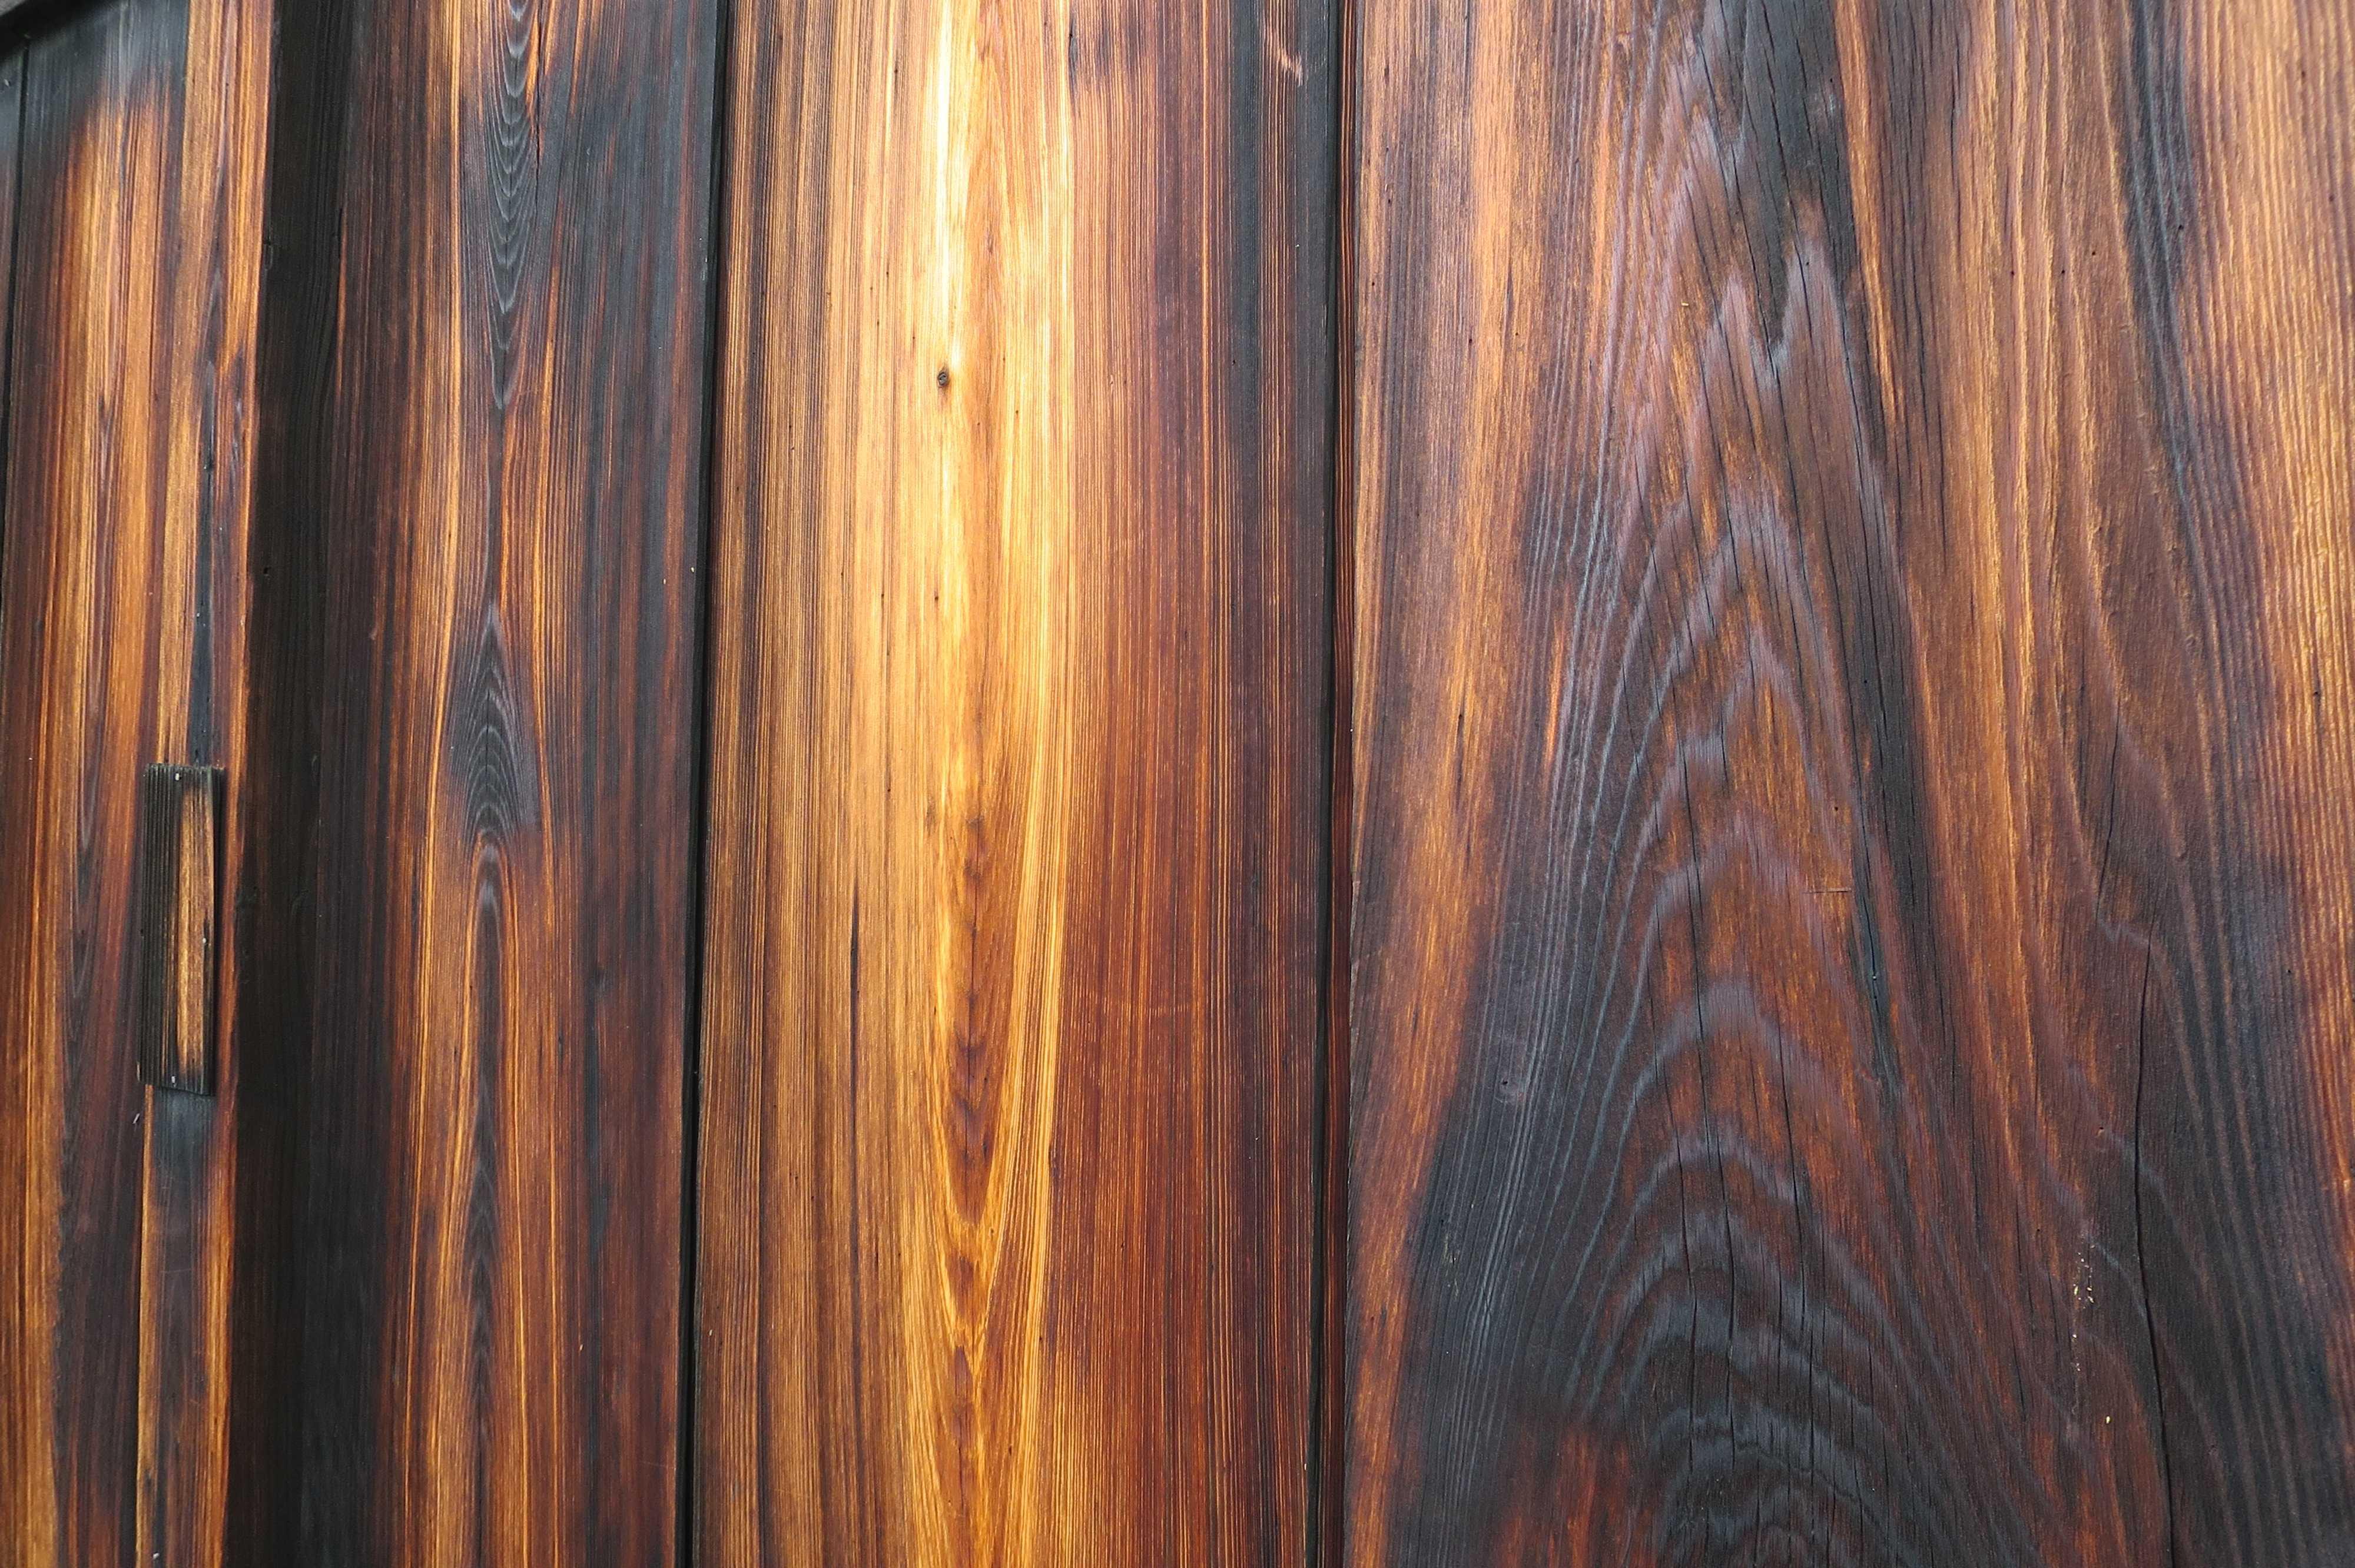 京都・五条楽園 - 五条会館の焼杉板